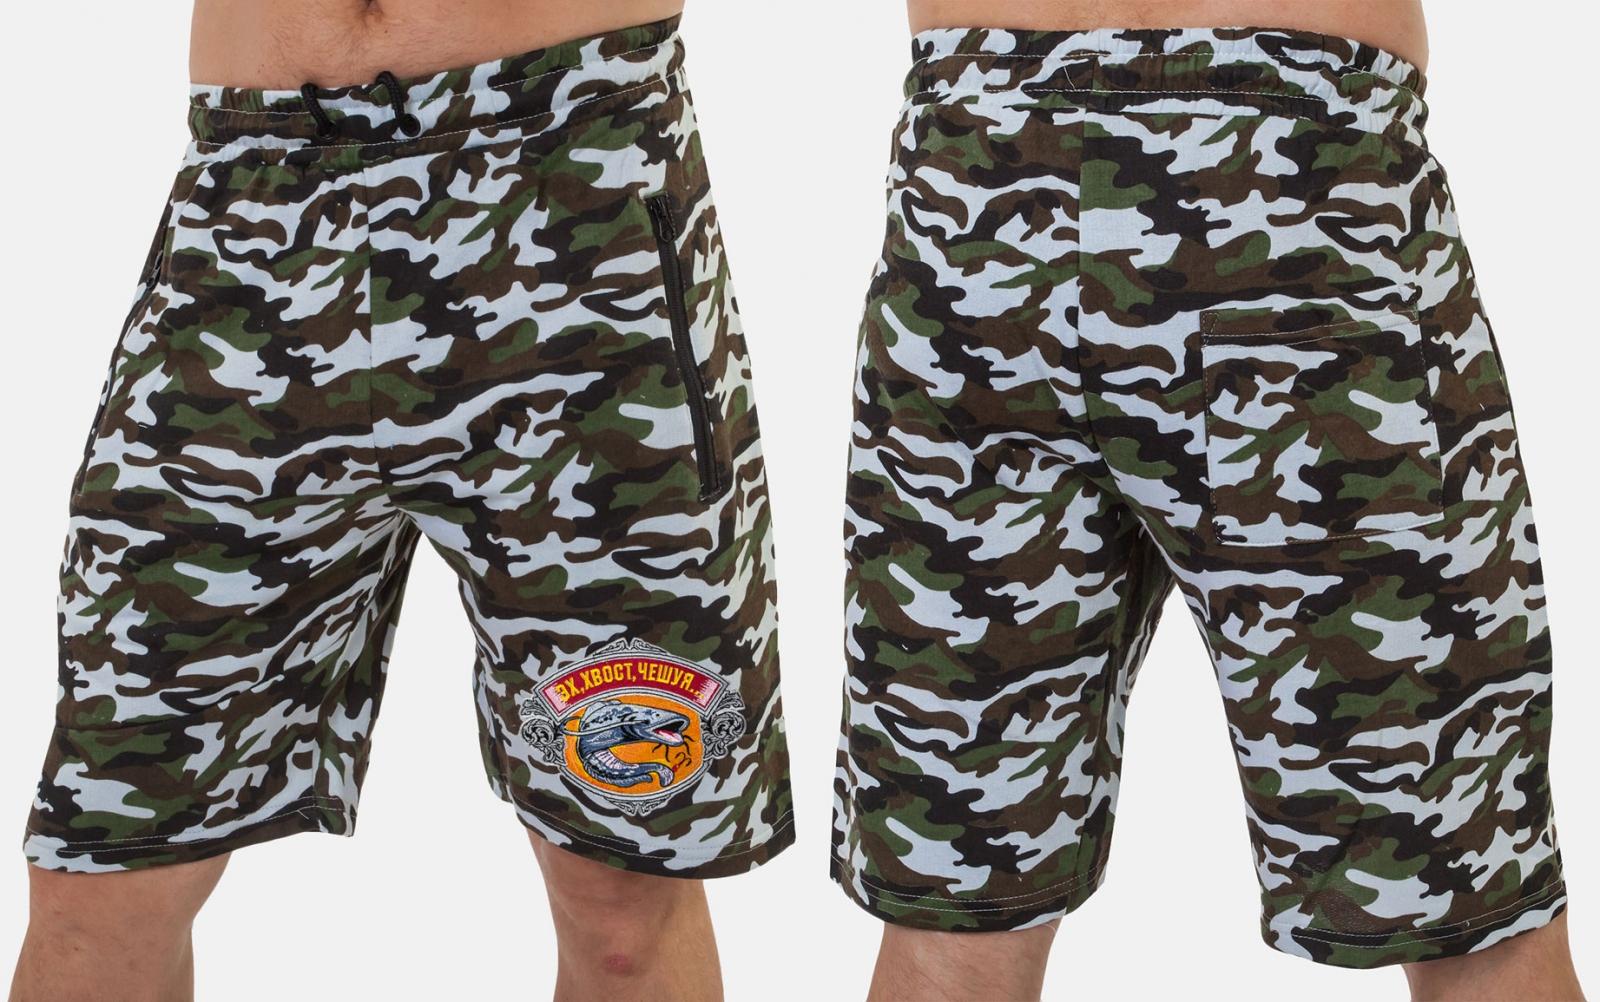 Мужские шорты для летней рыбалки оптом в Военпро